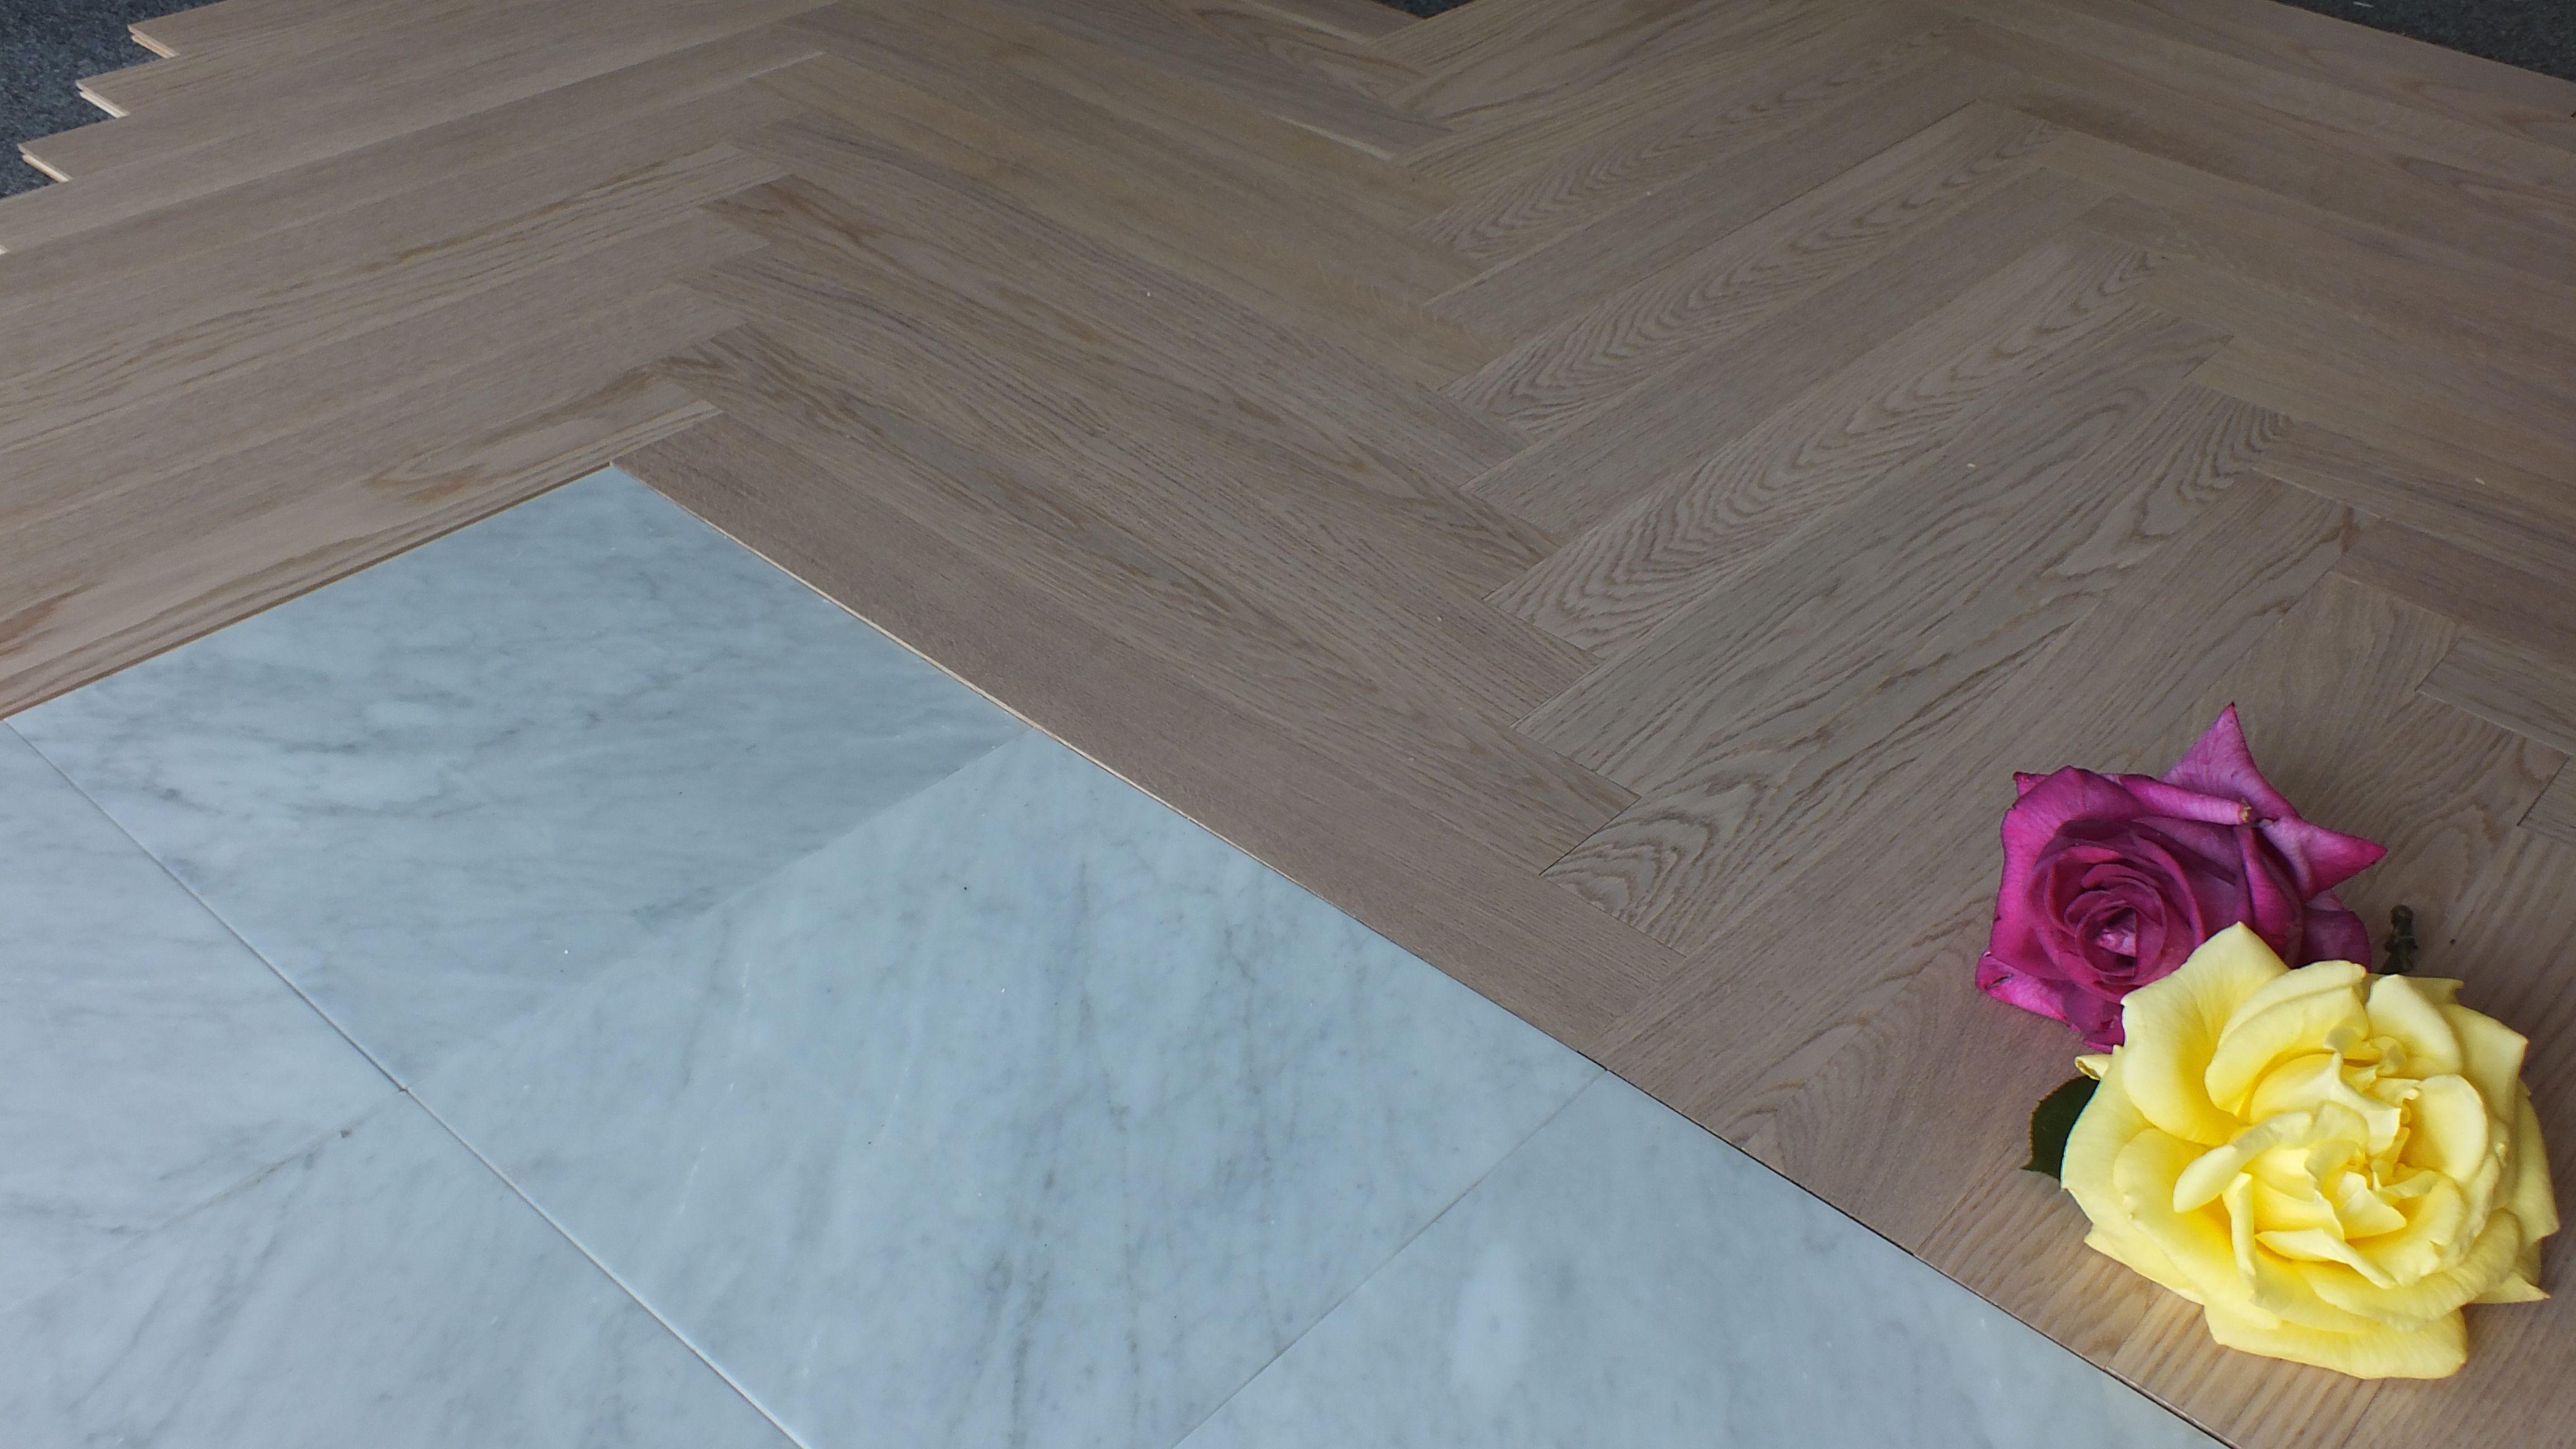 Pavimenti In Parquet E Marmo l'accoppiata fra il marmo bianco di carrara e il parquet, in